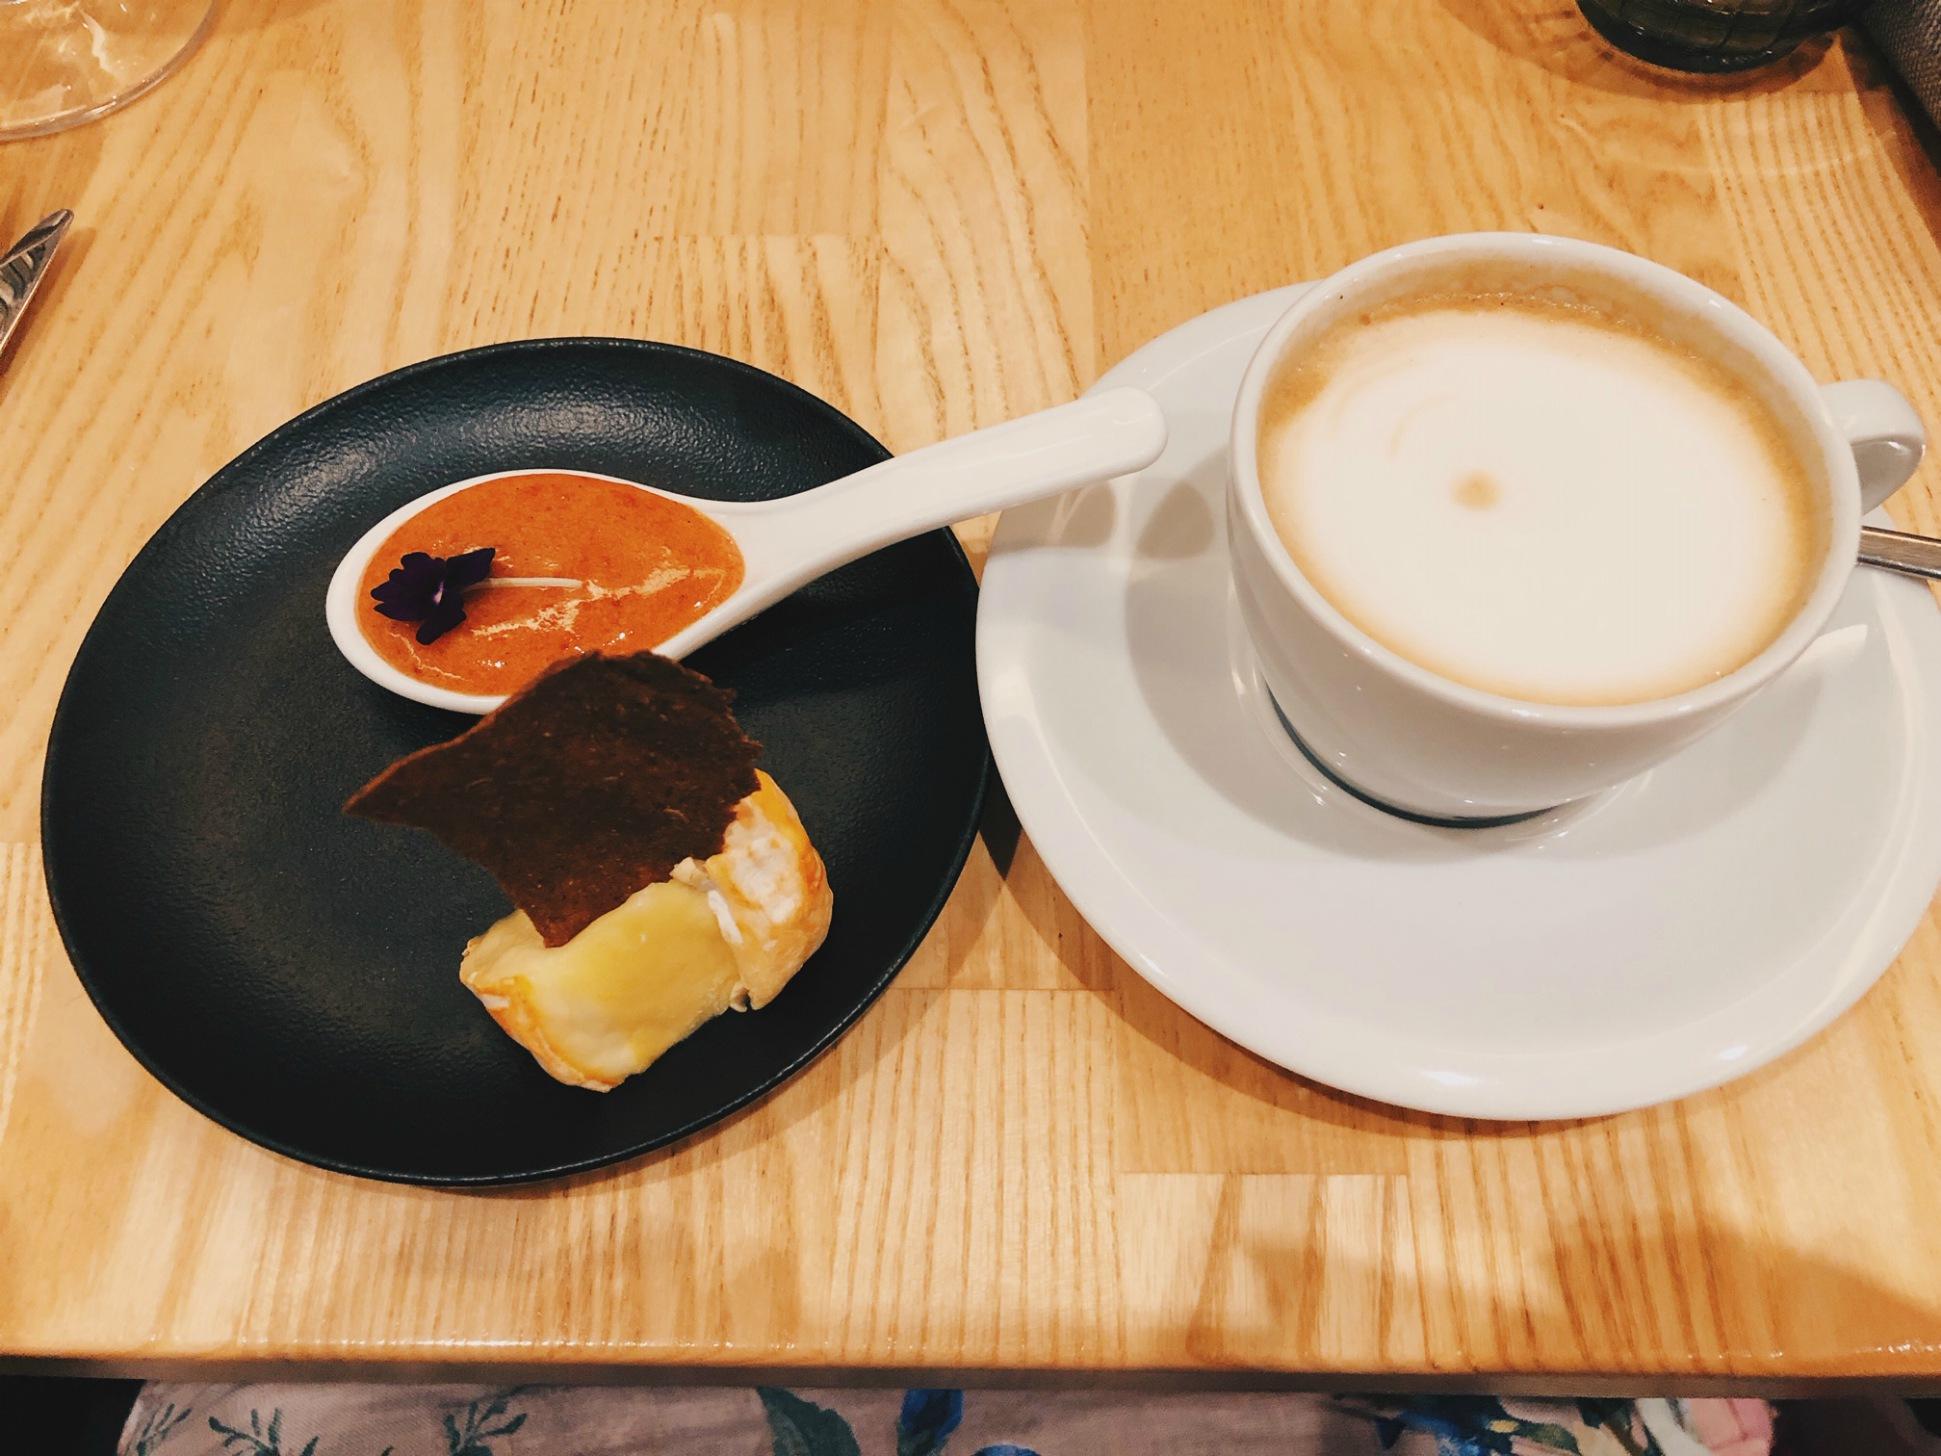 Pieni pala paikallista juustoa ja hilloketta jälkiruoaksi cappuccinon kera.